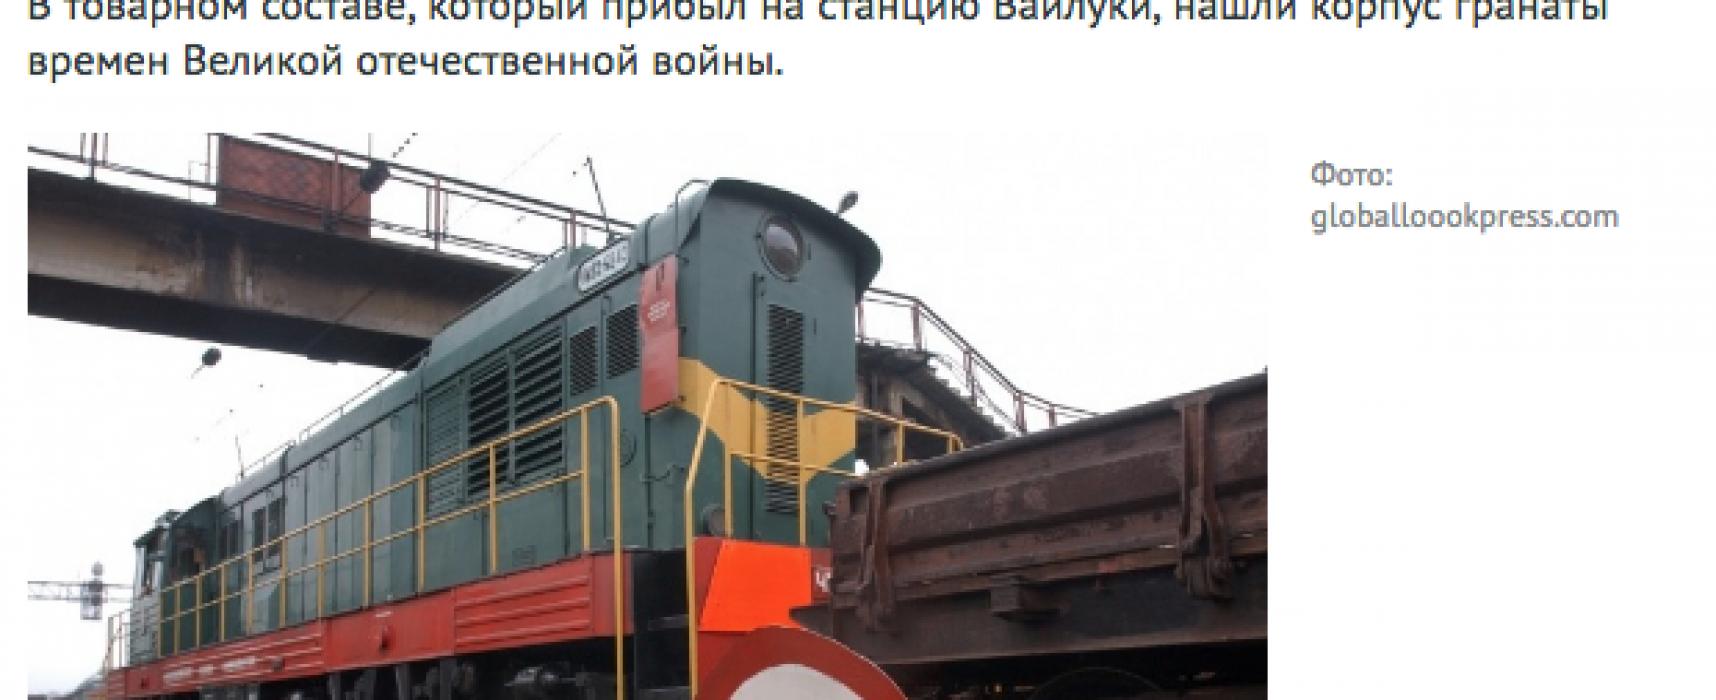 Fake: Ukrainischer Zug kommt vollgeladen mit Minen in Russland an